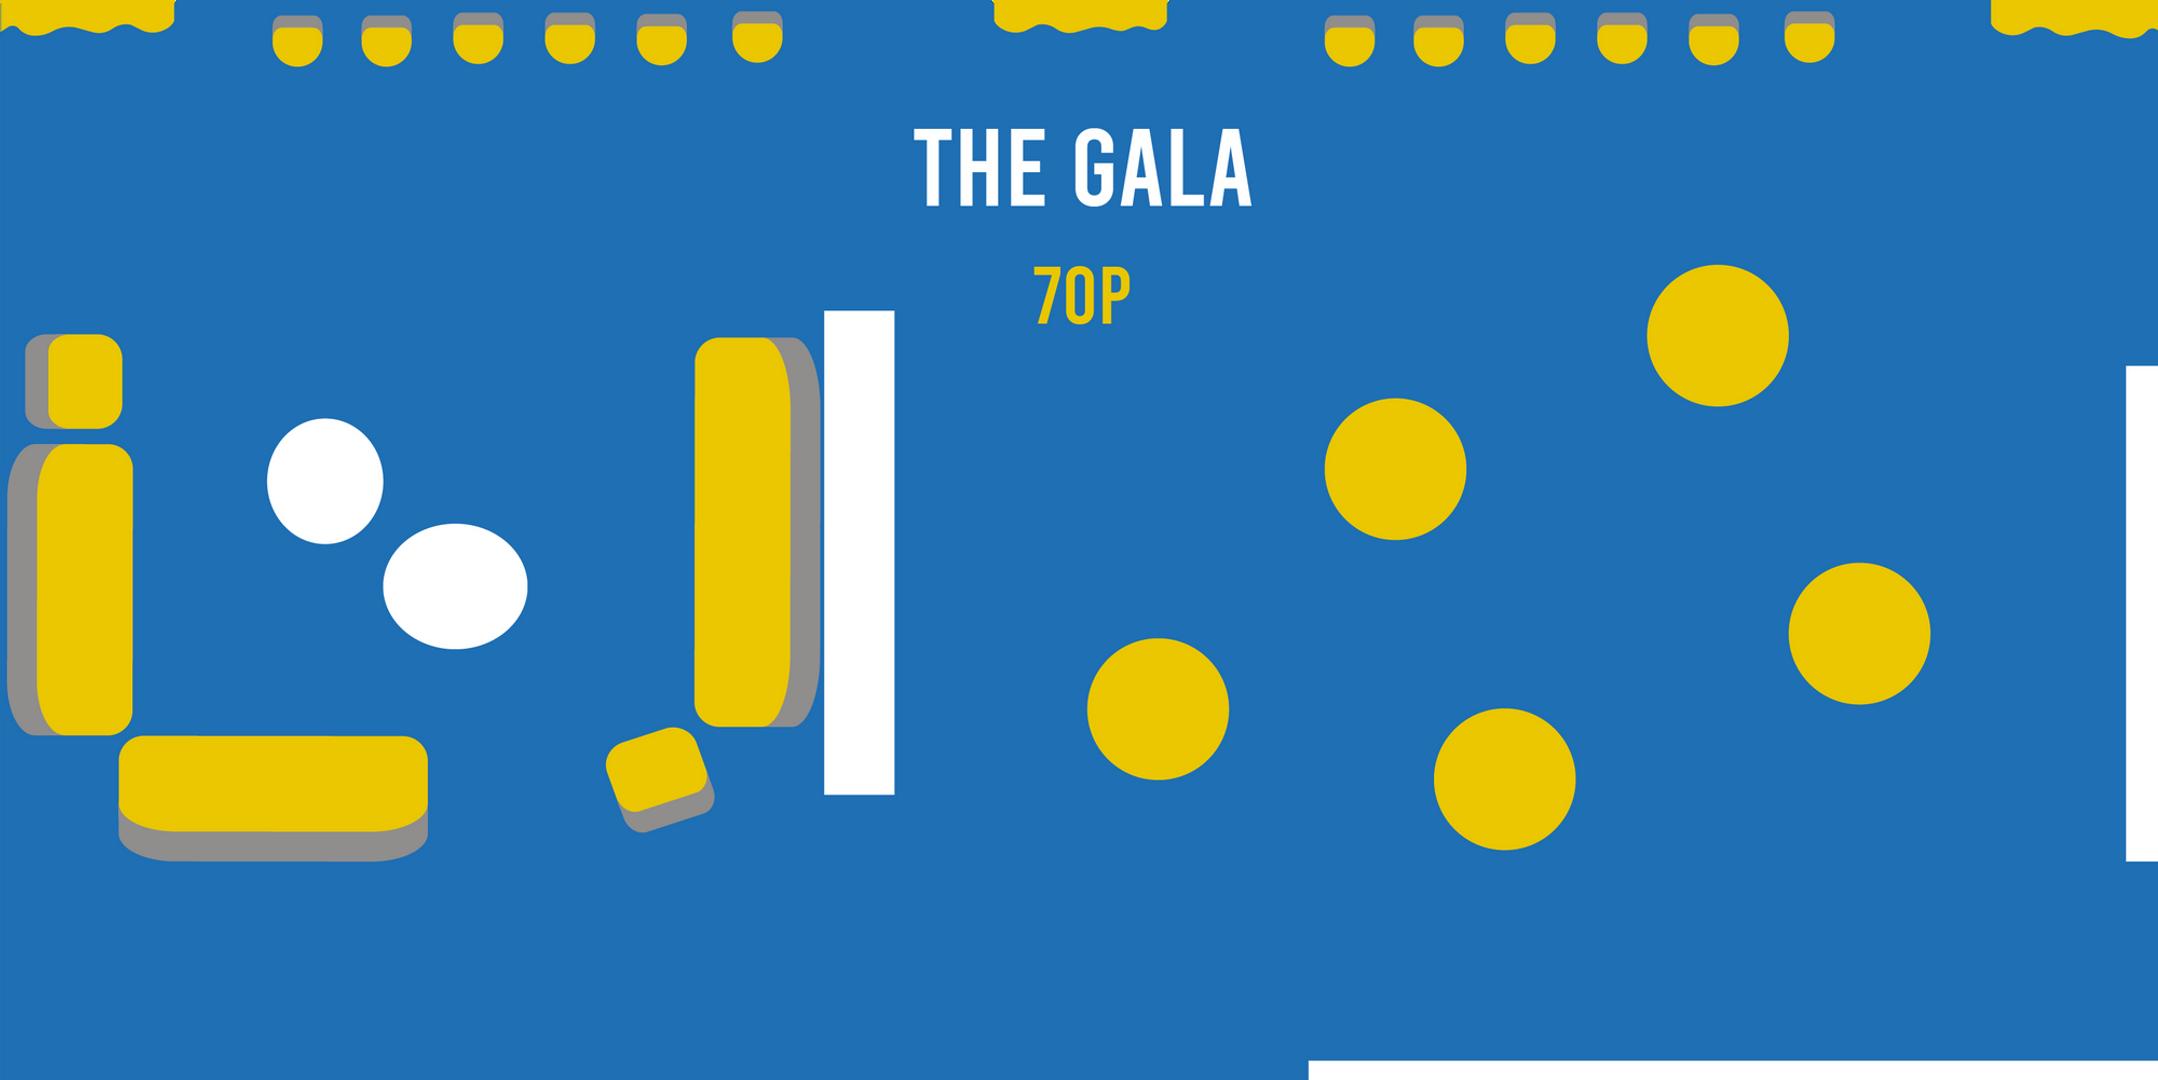 The Gala